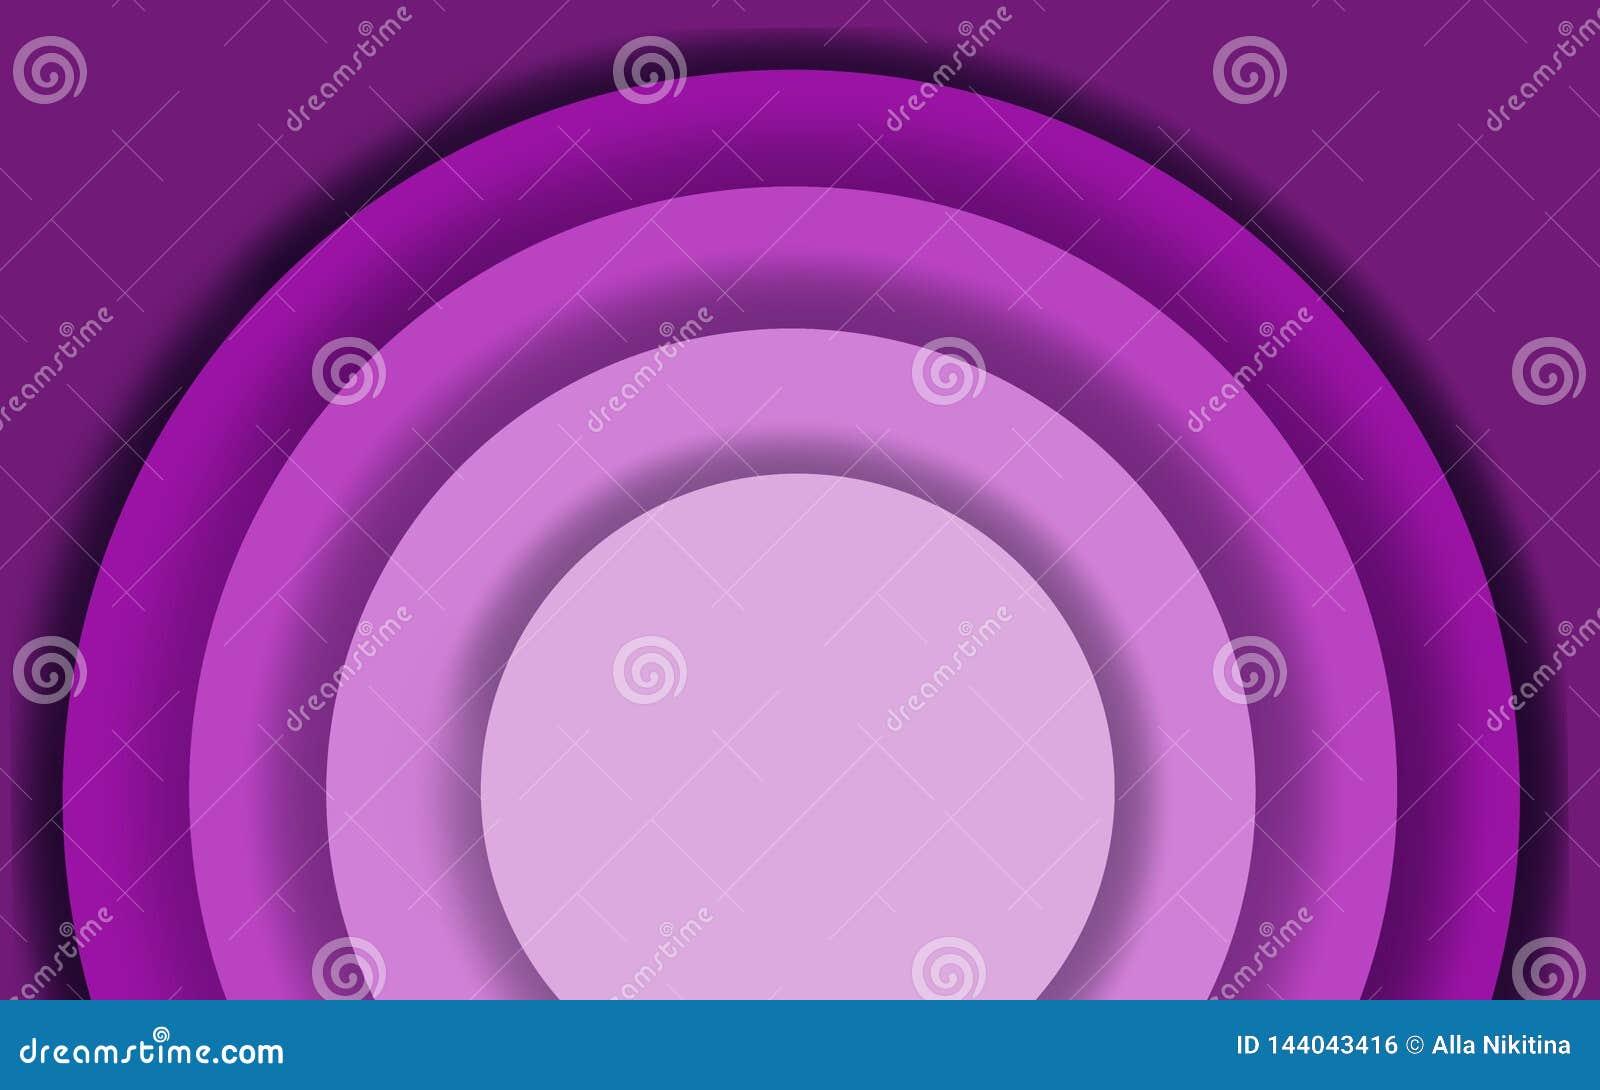 Fondo cortado de papel púrpura del extracto con formas del círculo Ejemplo moderno de la trama para el diseño de concepto